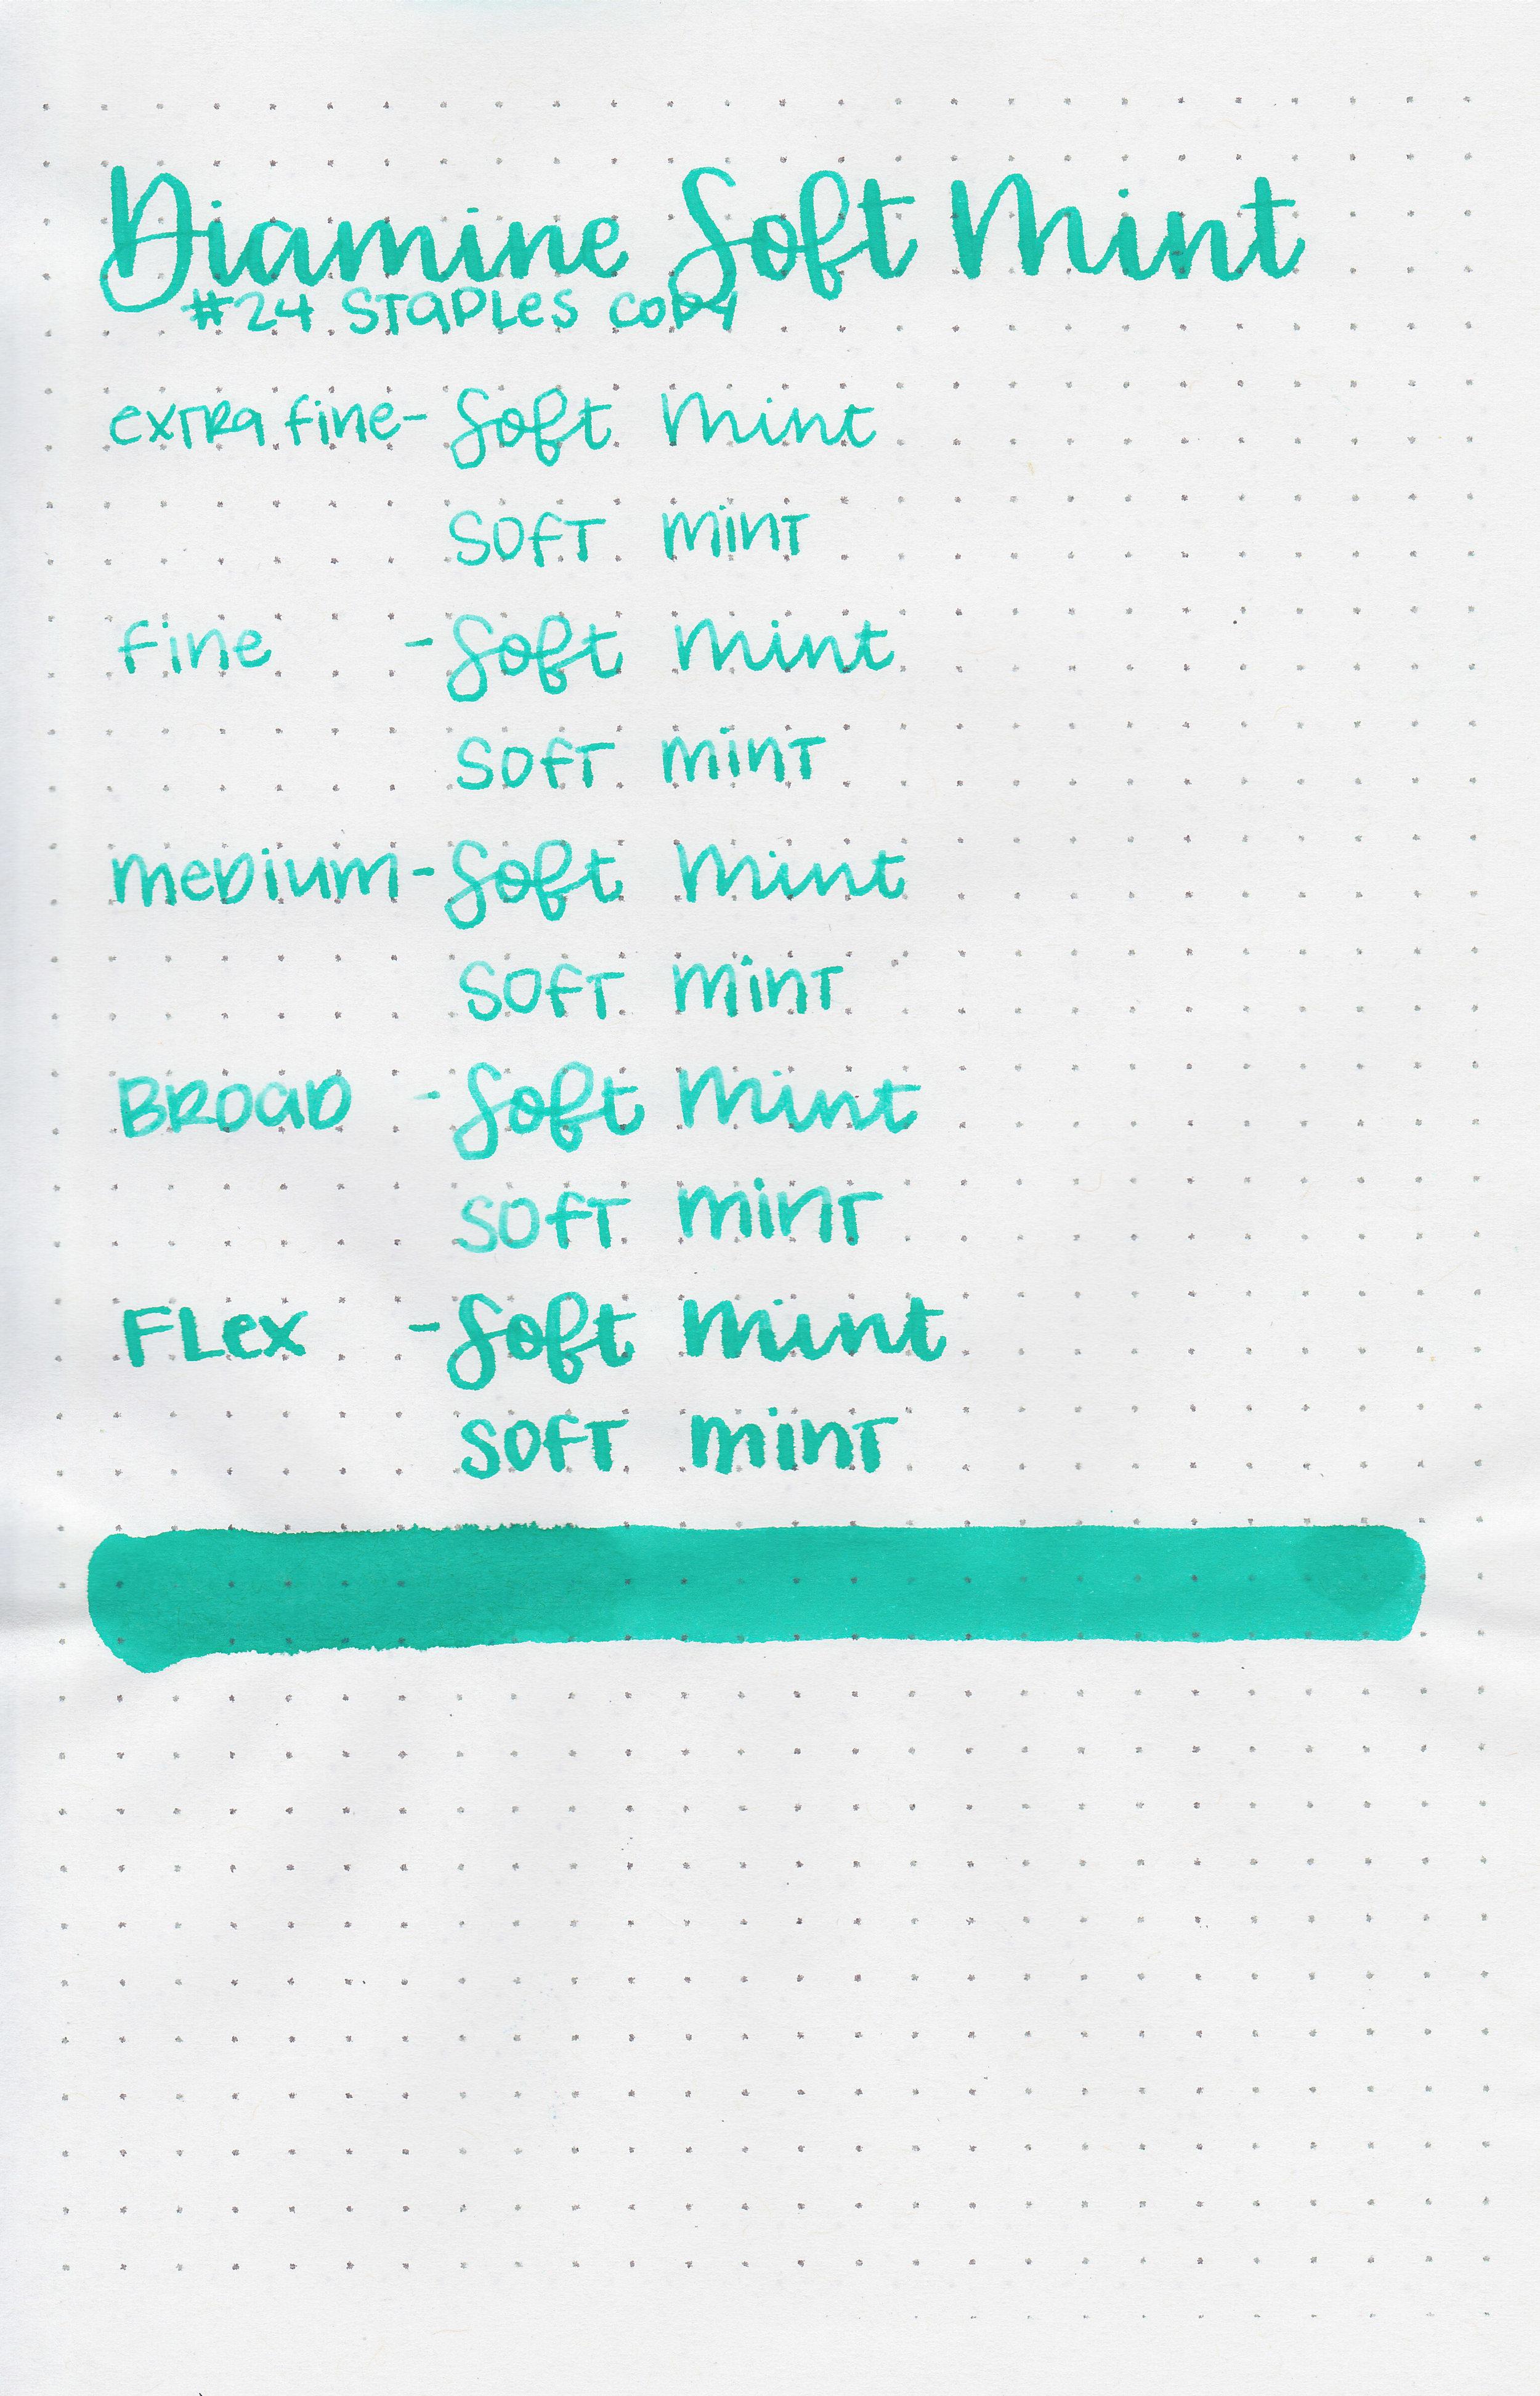 d-soft-mint-12.jpg